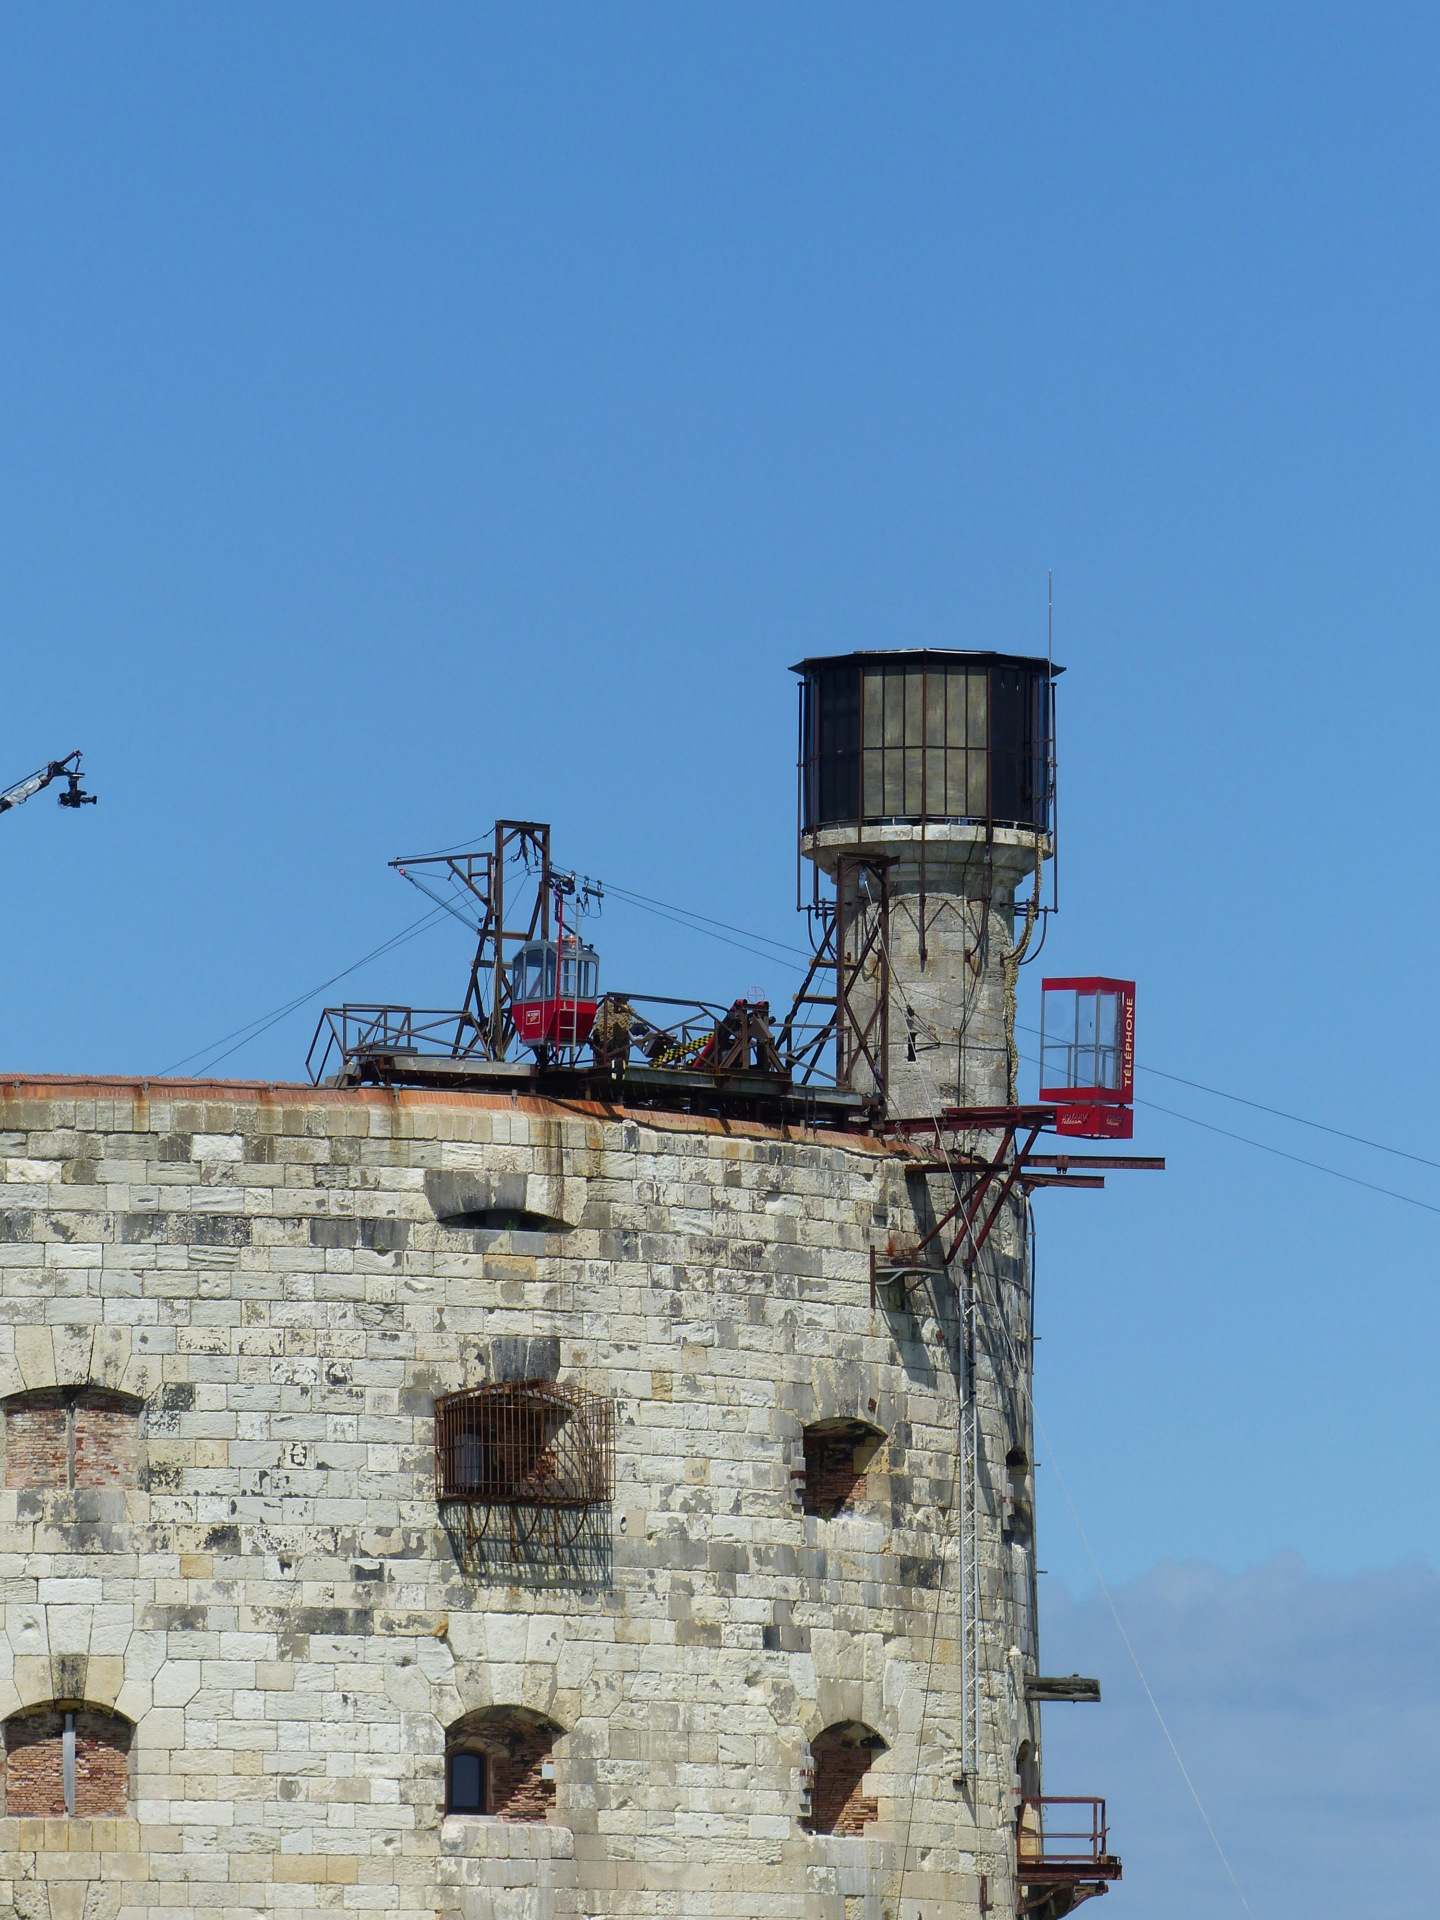 Photos divers de Fort Boyard 2021 (Internautes + hors production) - Page 2 P1090719